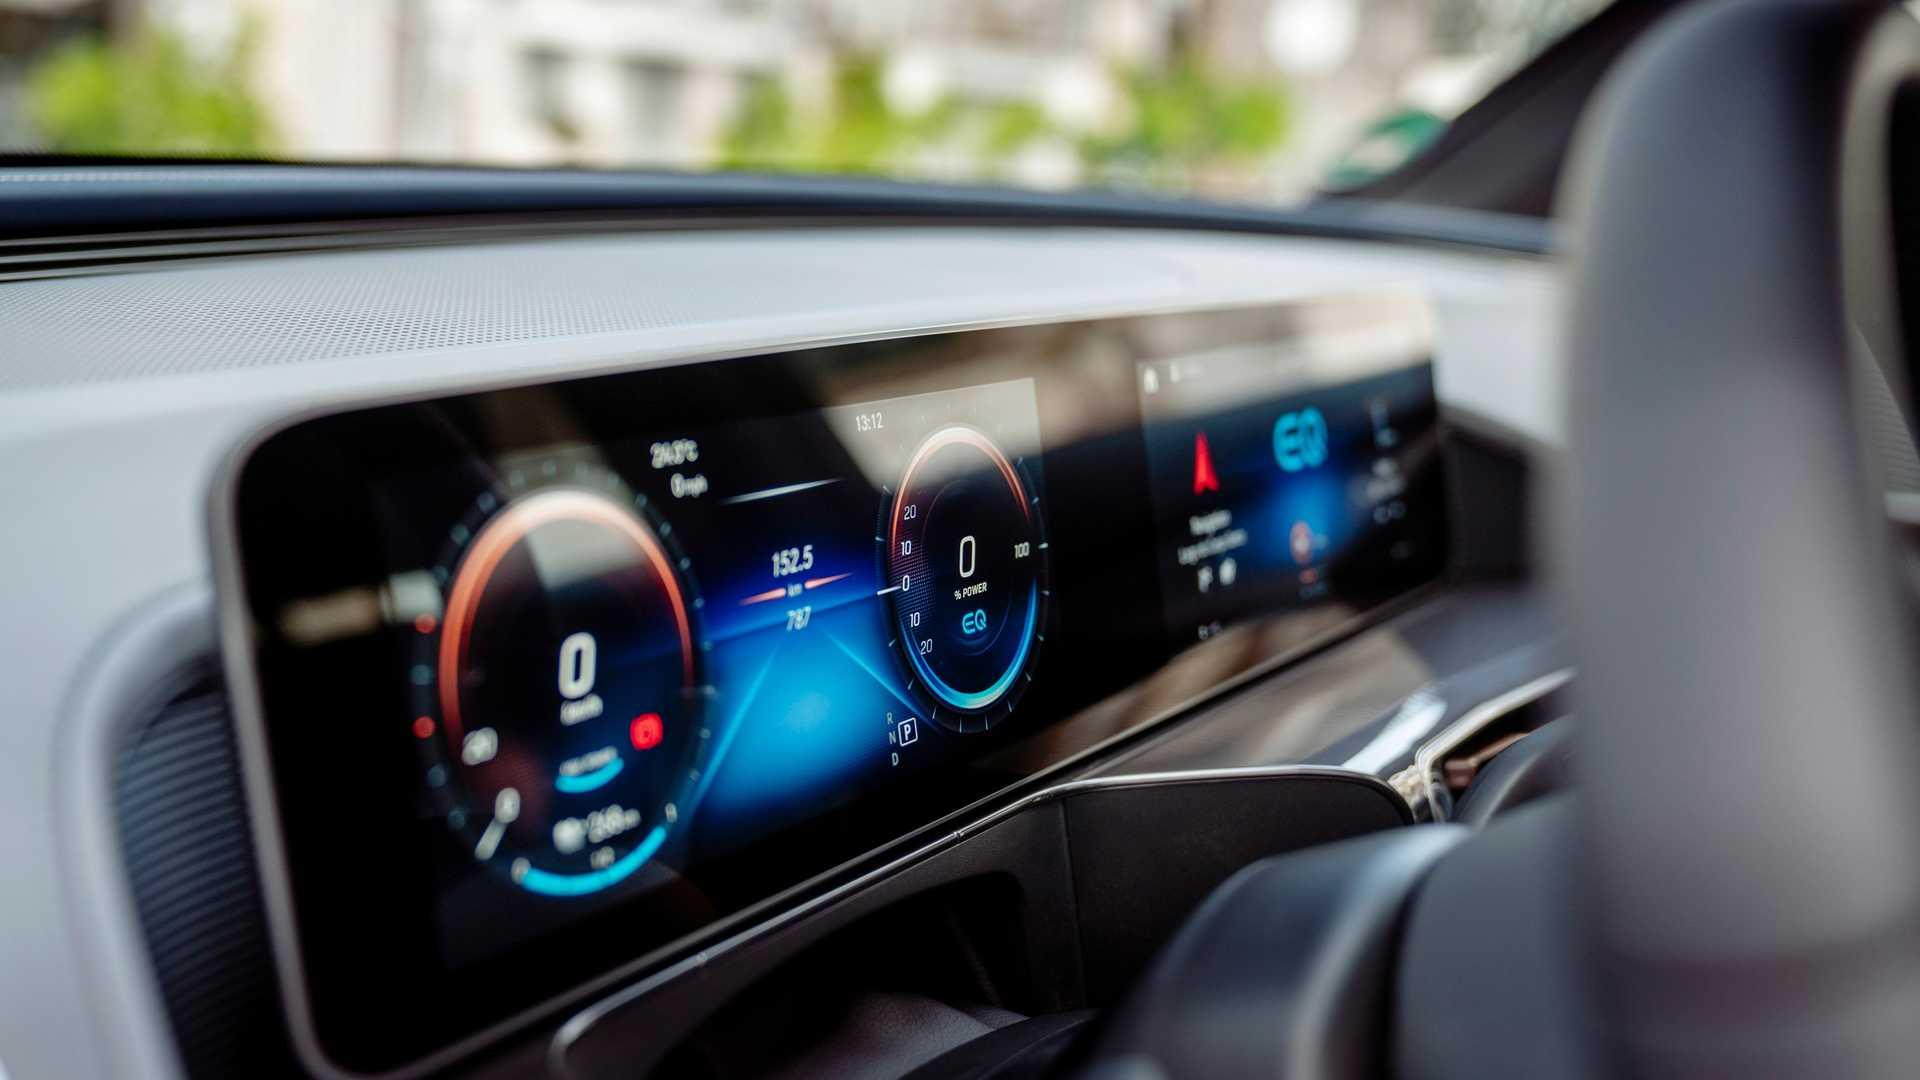 车载技术拉低可靠性 高端车表现更不靠谱